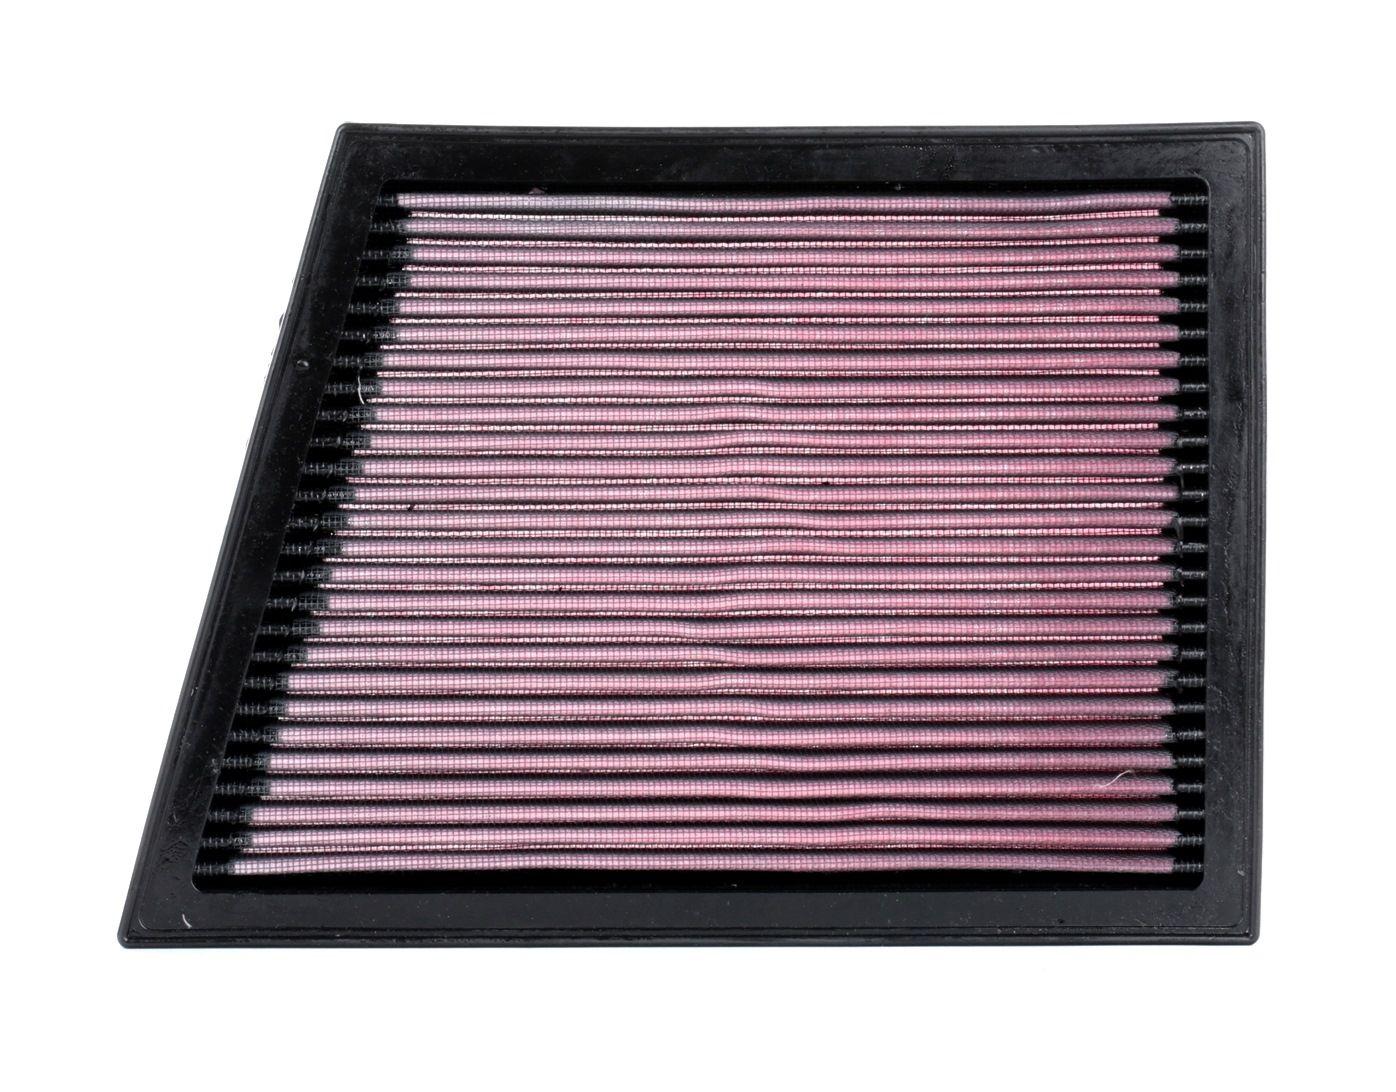 K&N Filters: Original Luftfiltereinsatz 33-3025 (Länge: 289mm, Länge: 289mm, Breite: 207mm, Höhe: 24mm)